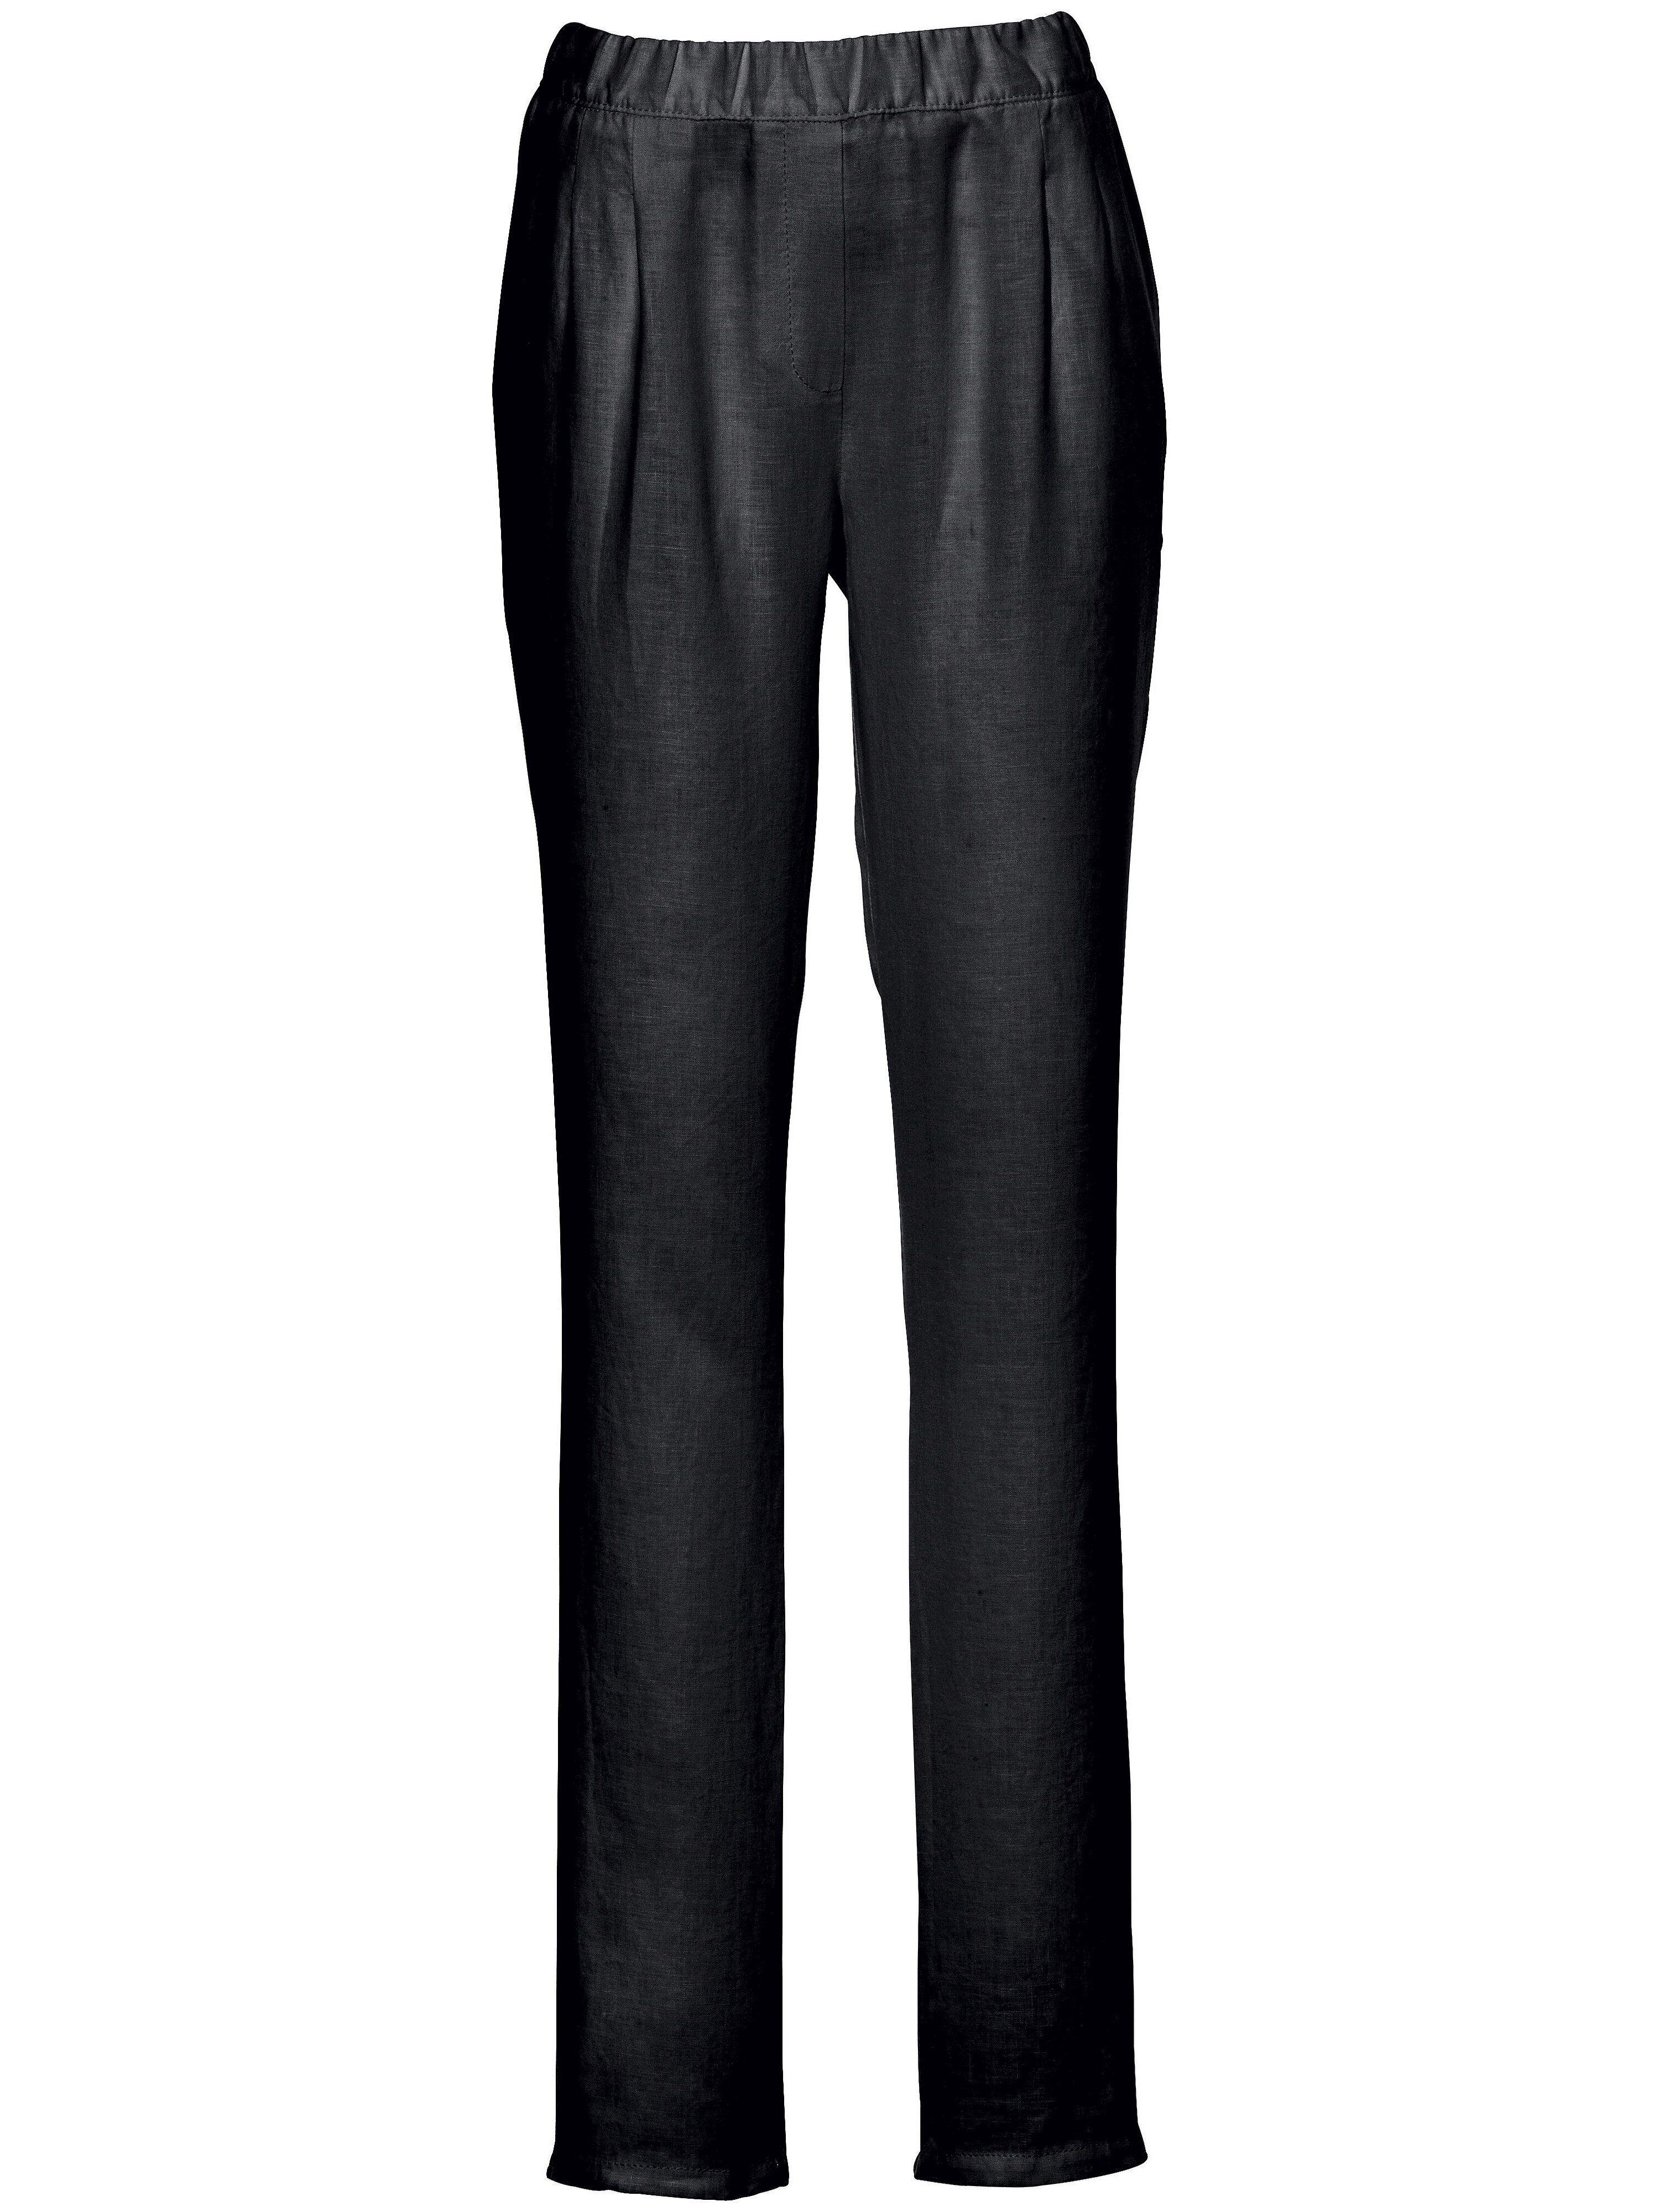 Peter Hahn Le pantalon à pinces  Peter Hahn noir  - Femme - 20